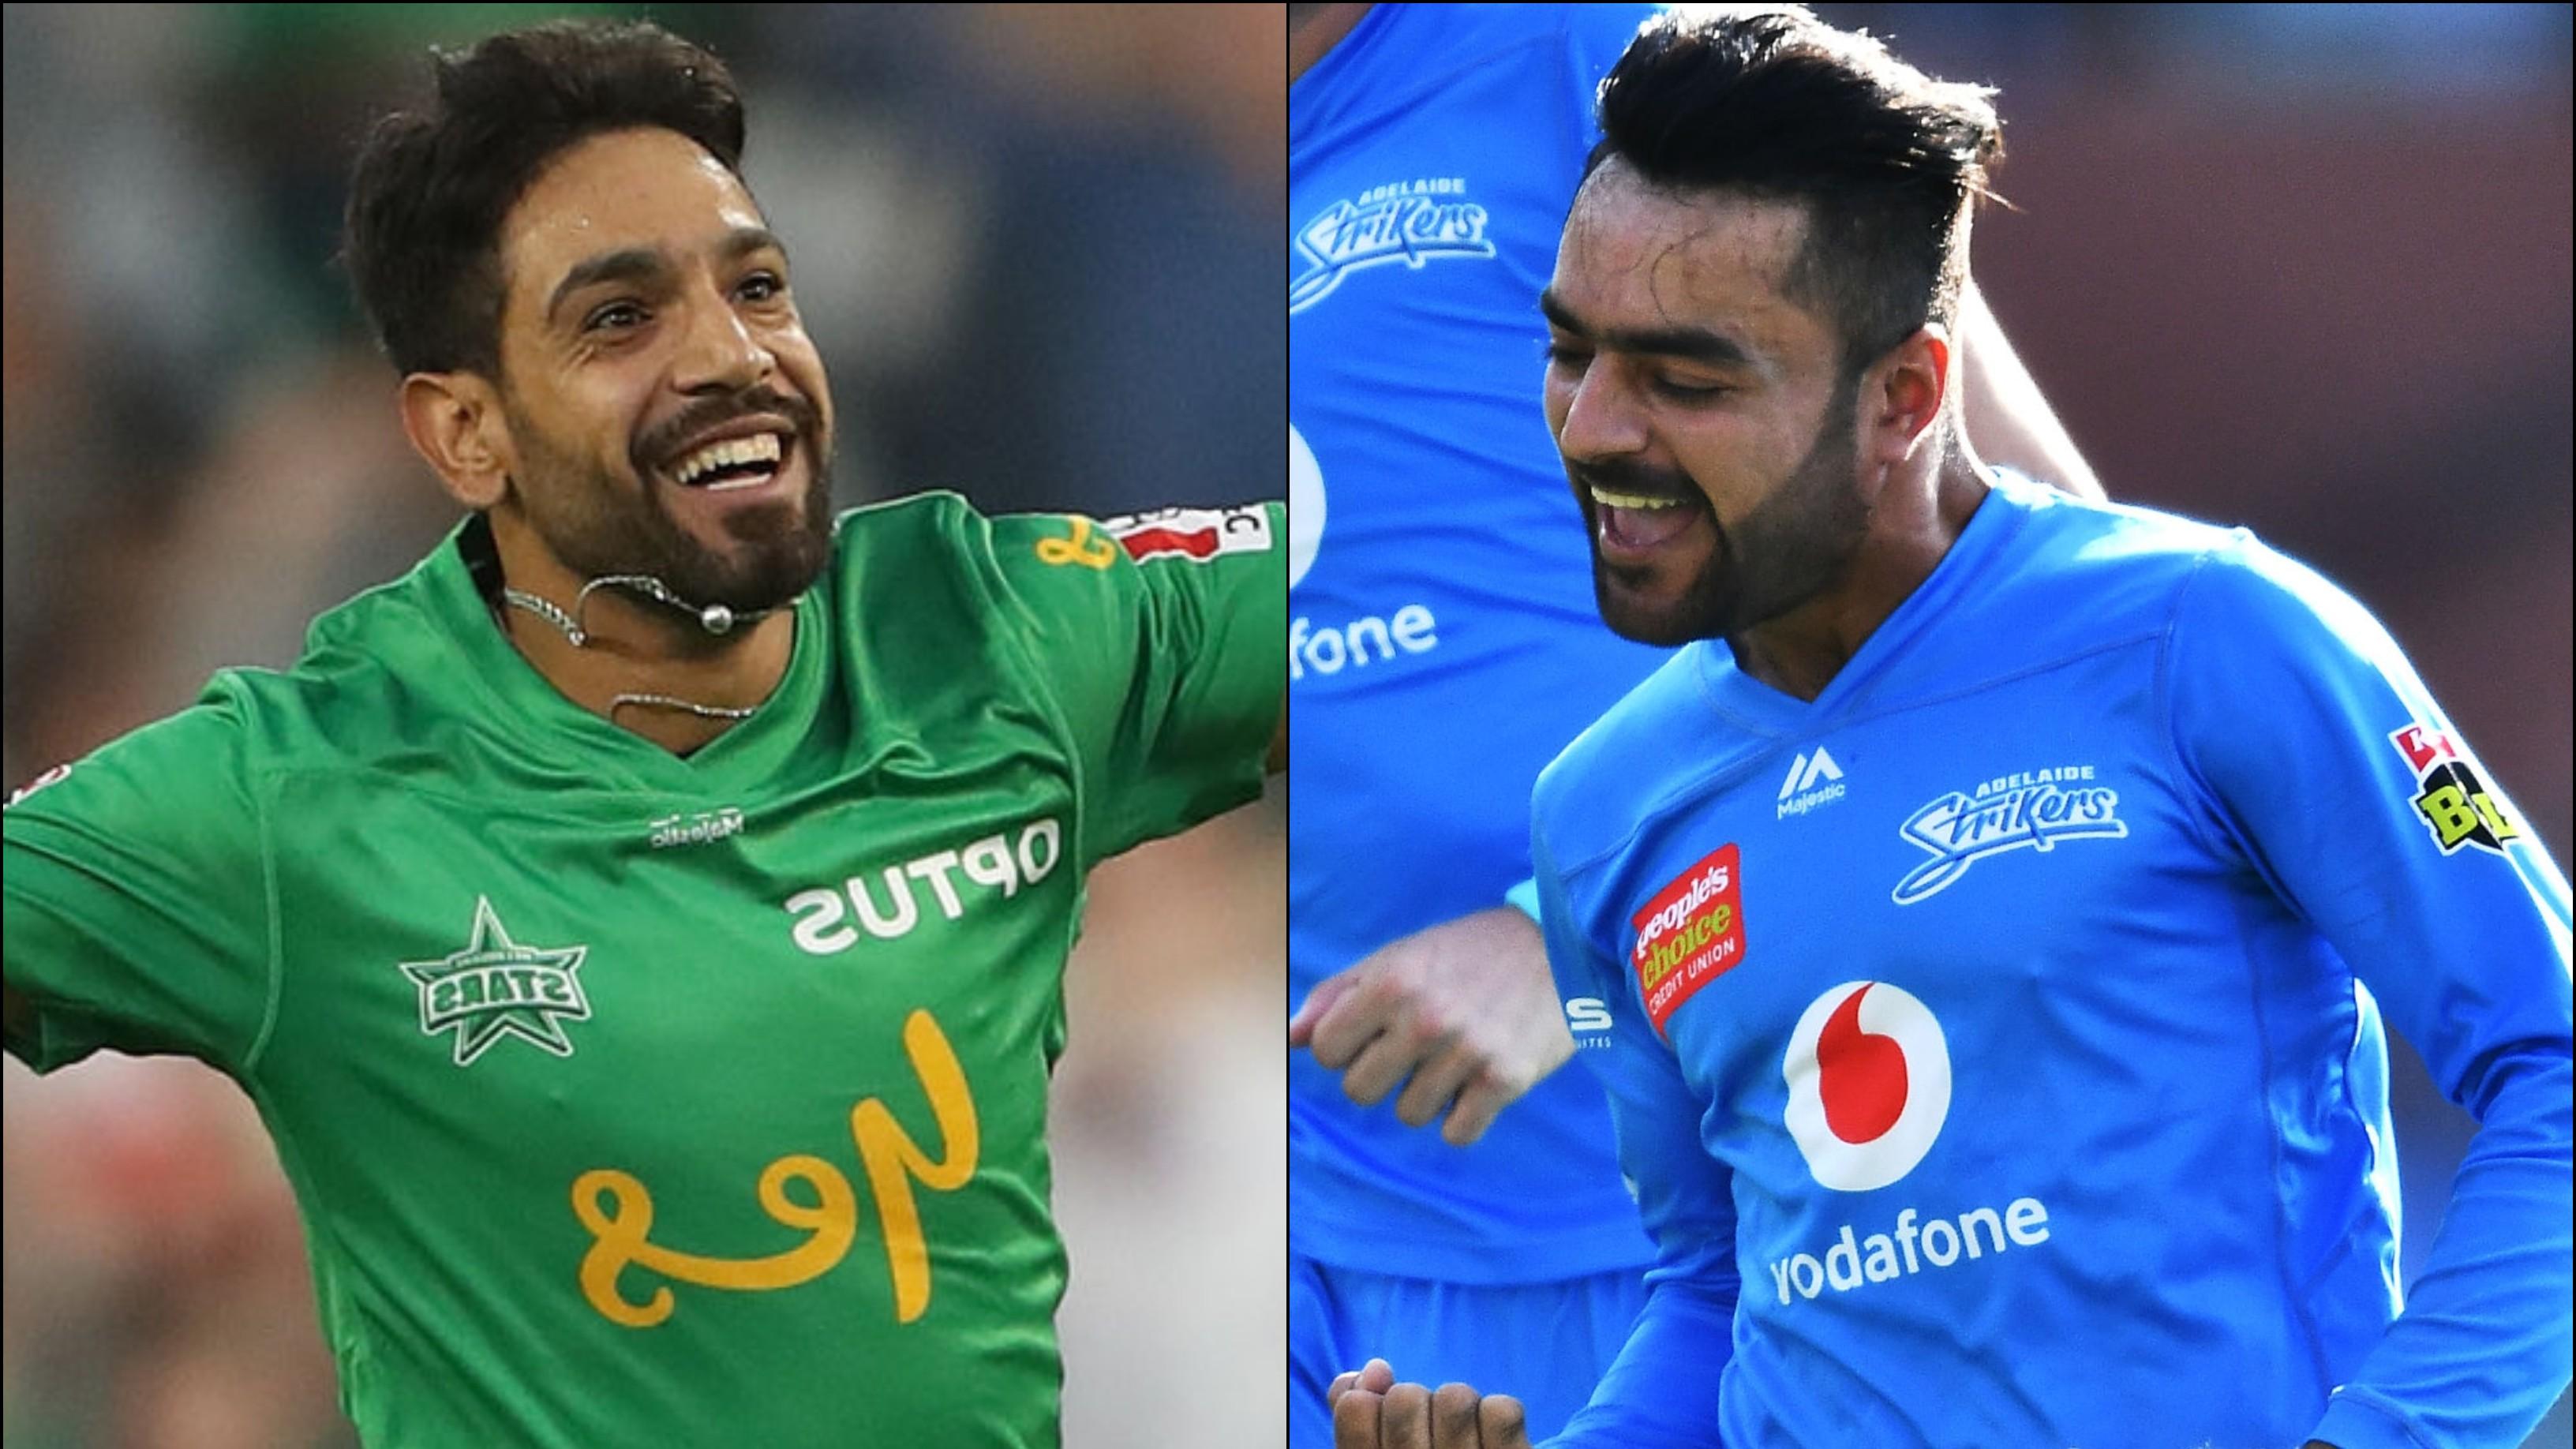 क्रिकेट इतिहास में पहली बार एक ही दिन में 2 गेंदबाजों ने ली हैट्रिक